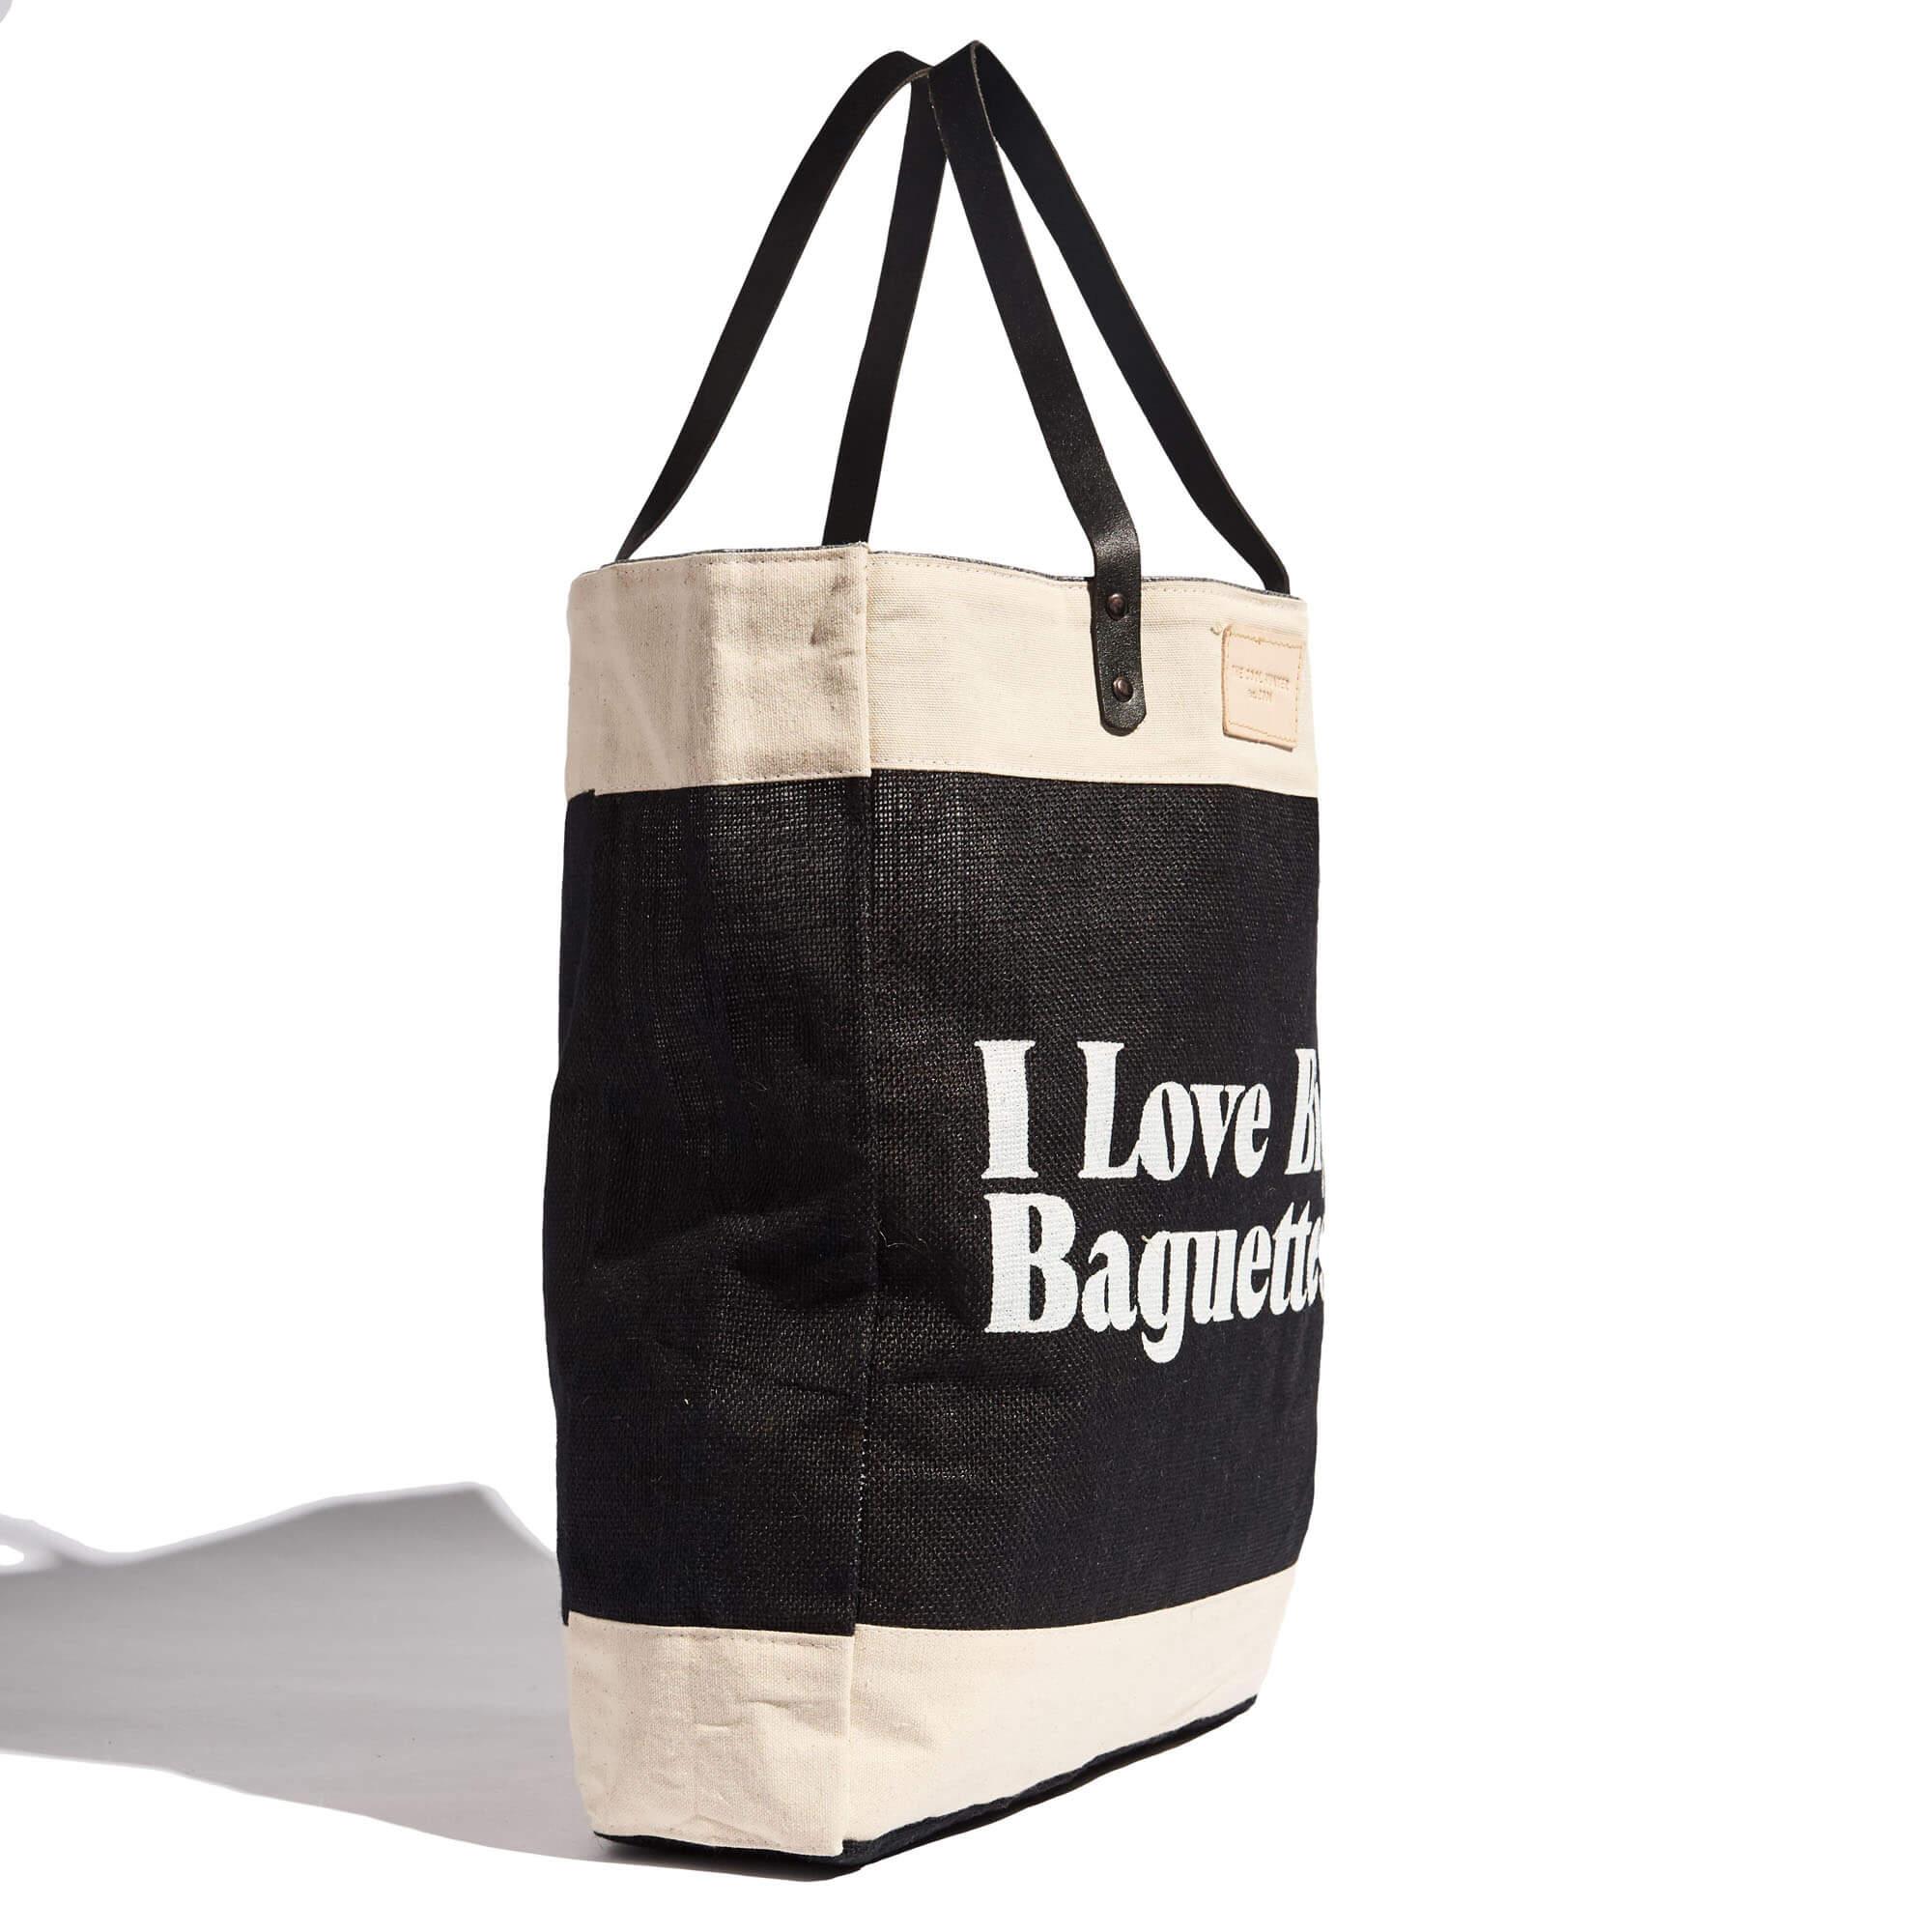 i-love-big-baguettes-market-bag-2